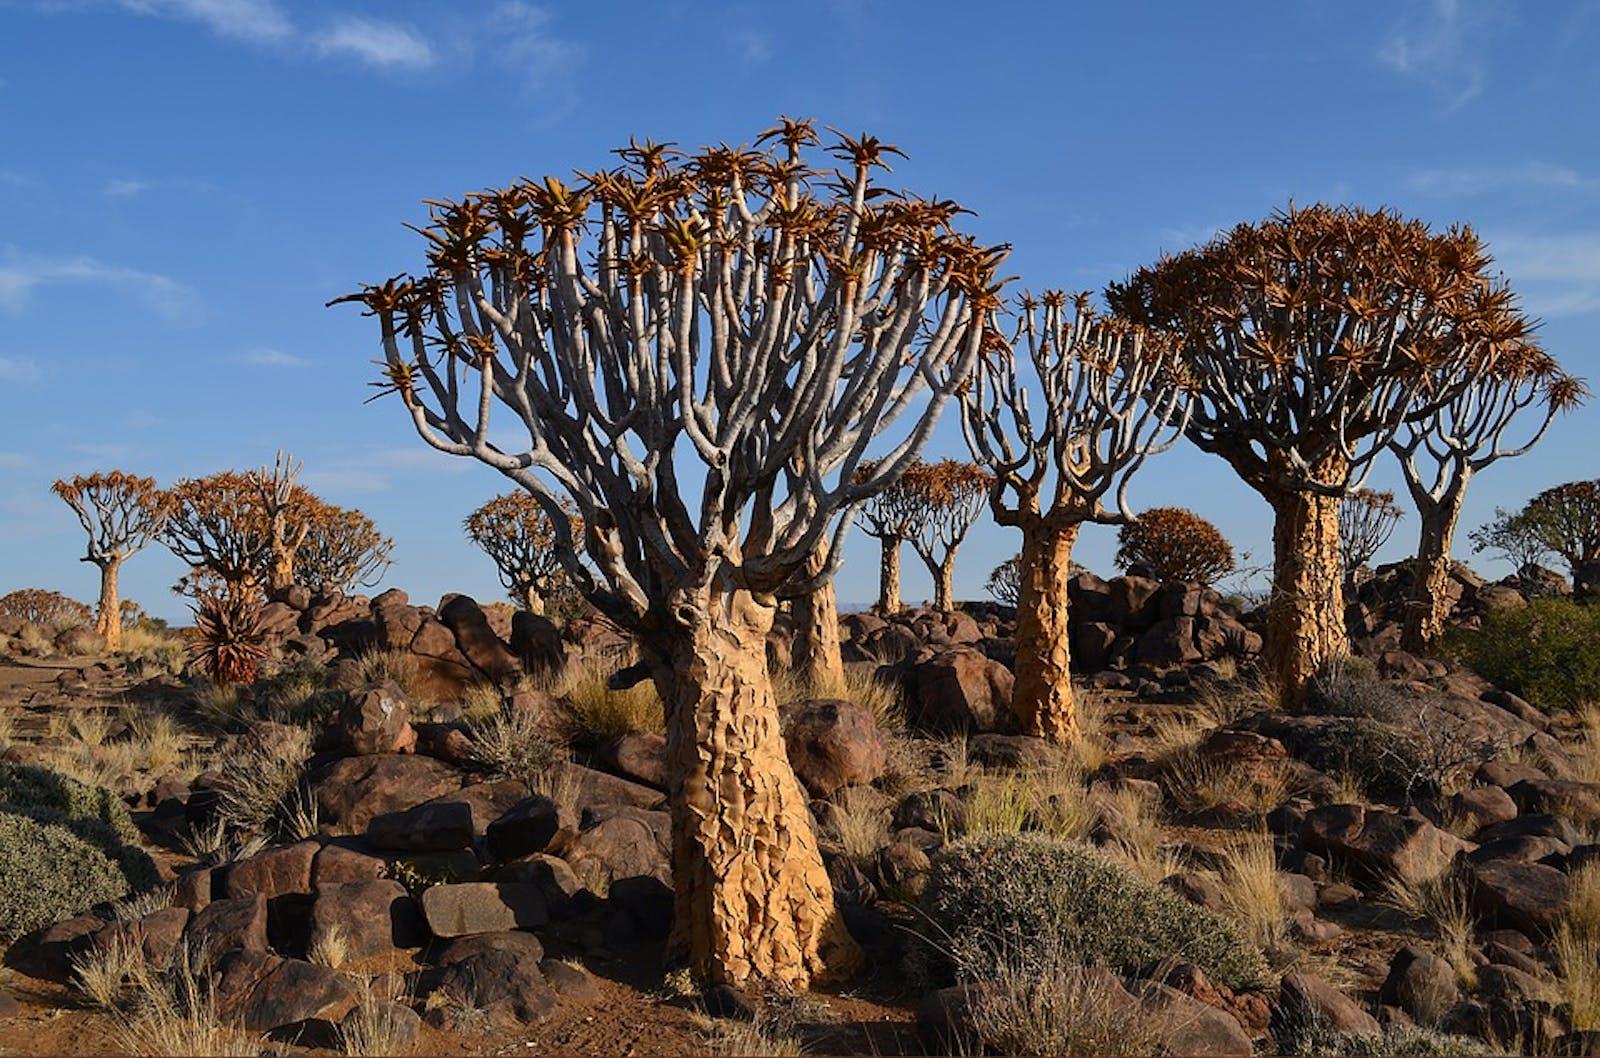 Namibian Savanna Woodlands